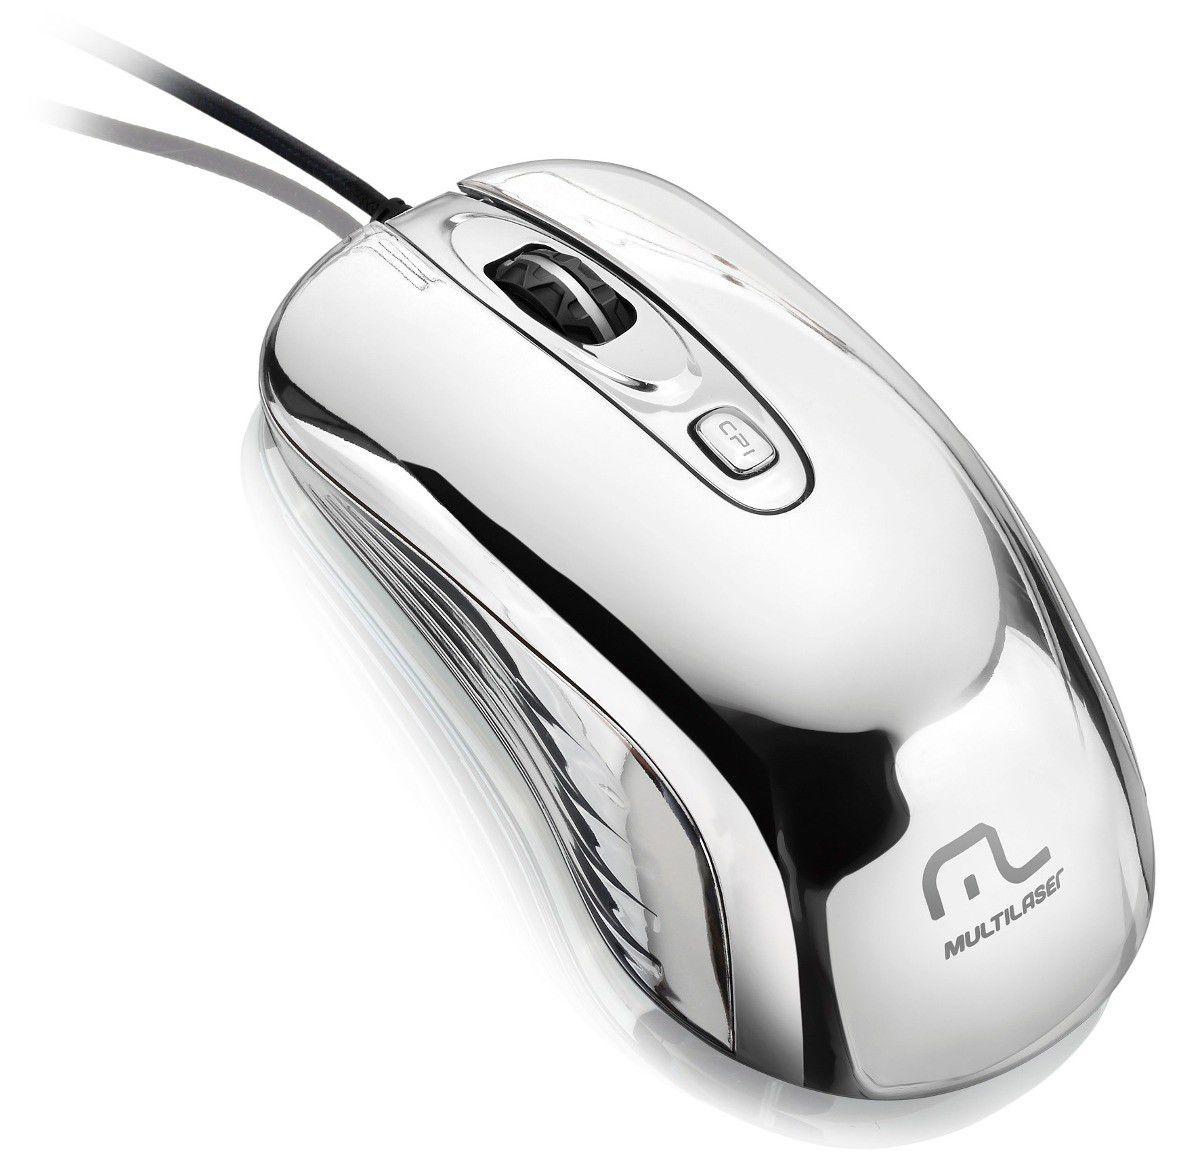 Kit Gamer Festa Caixa de Som RGB Bluetooth Multilaser SP286 + Mouse USB Várias Cores MO228